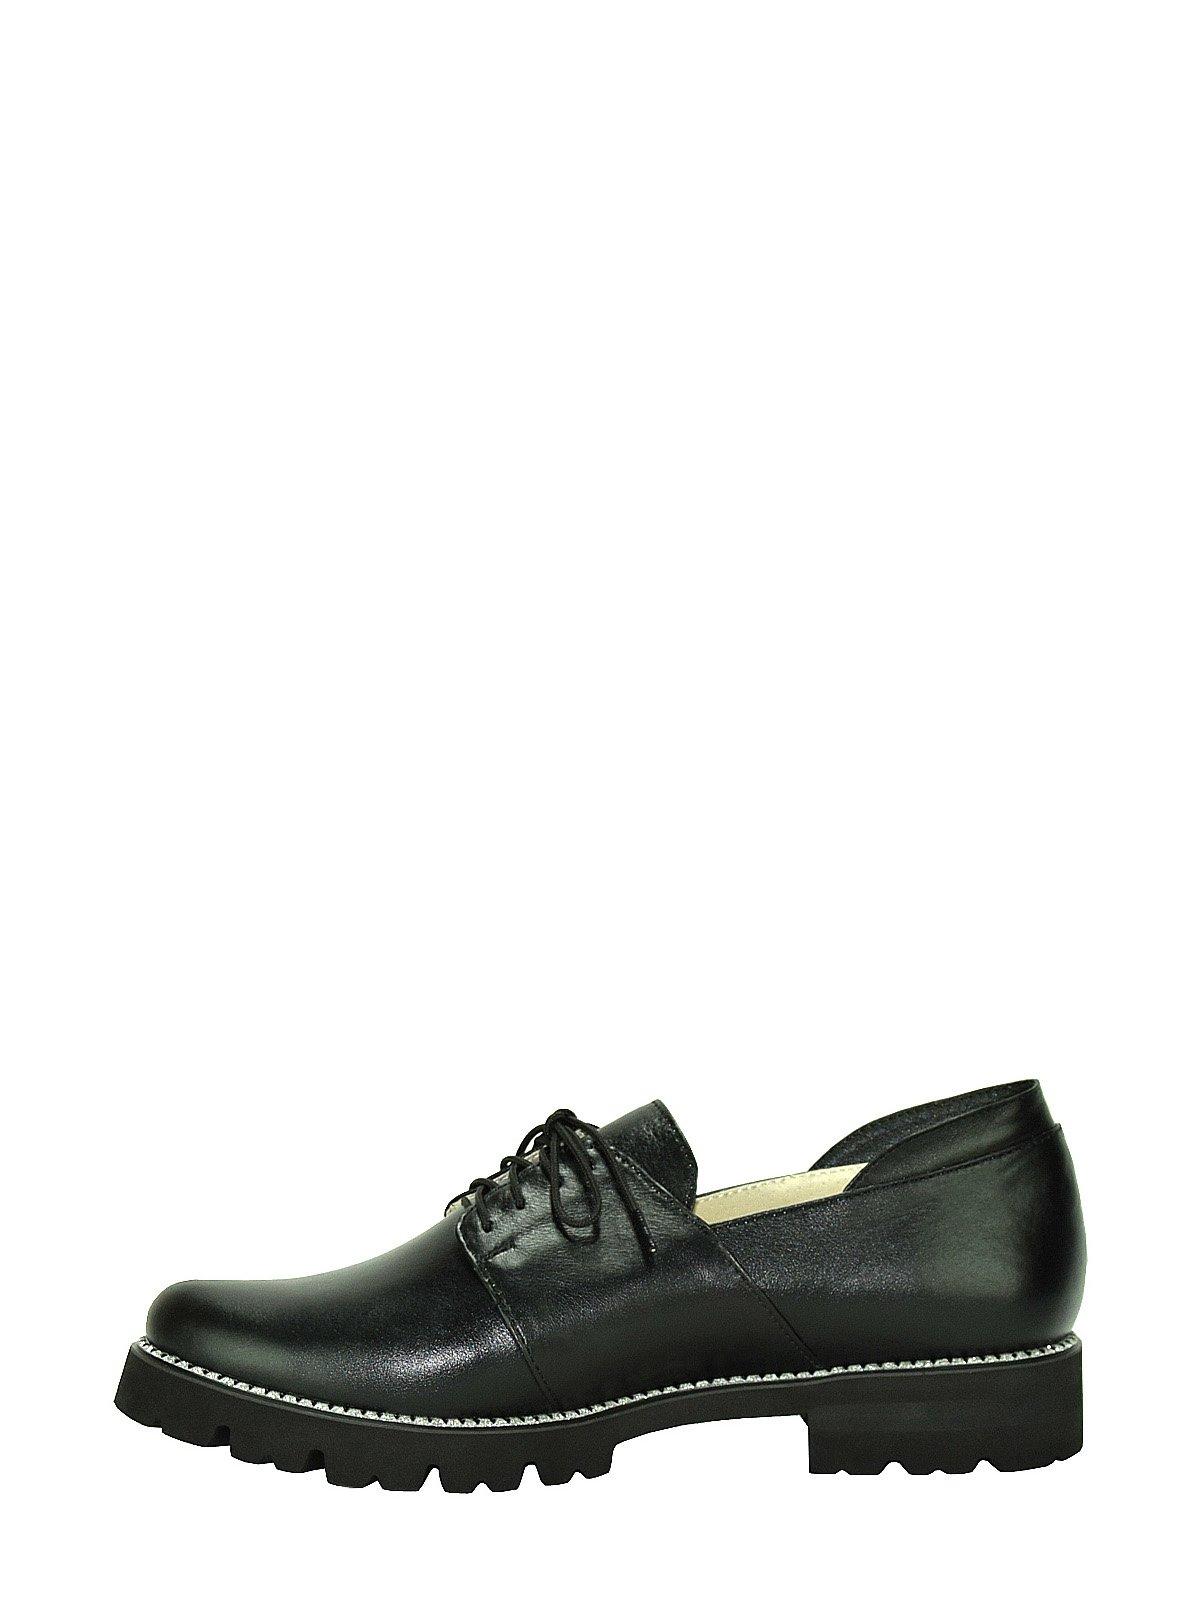 Туфлі чорні | 3553663 | фото 4